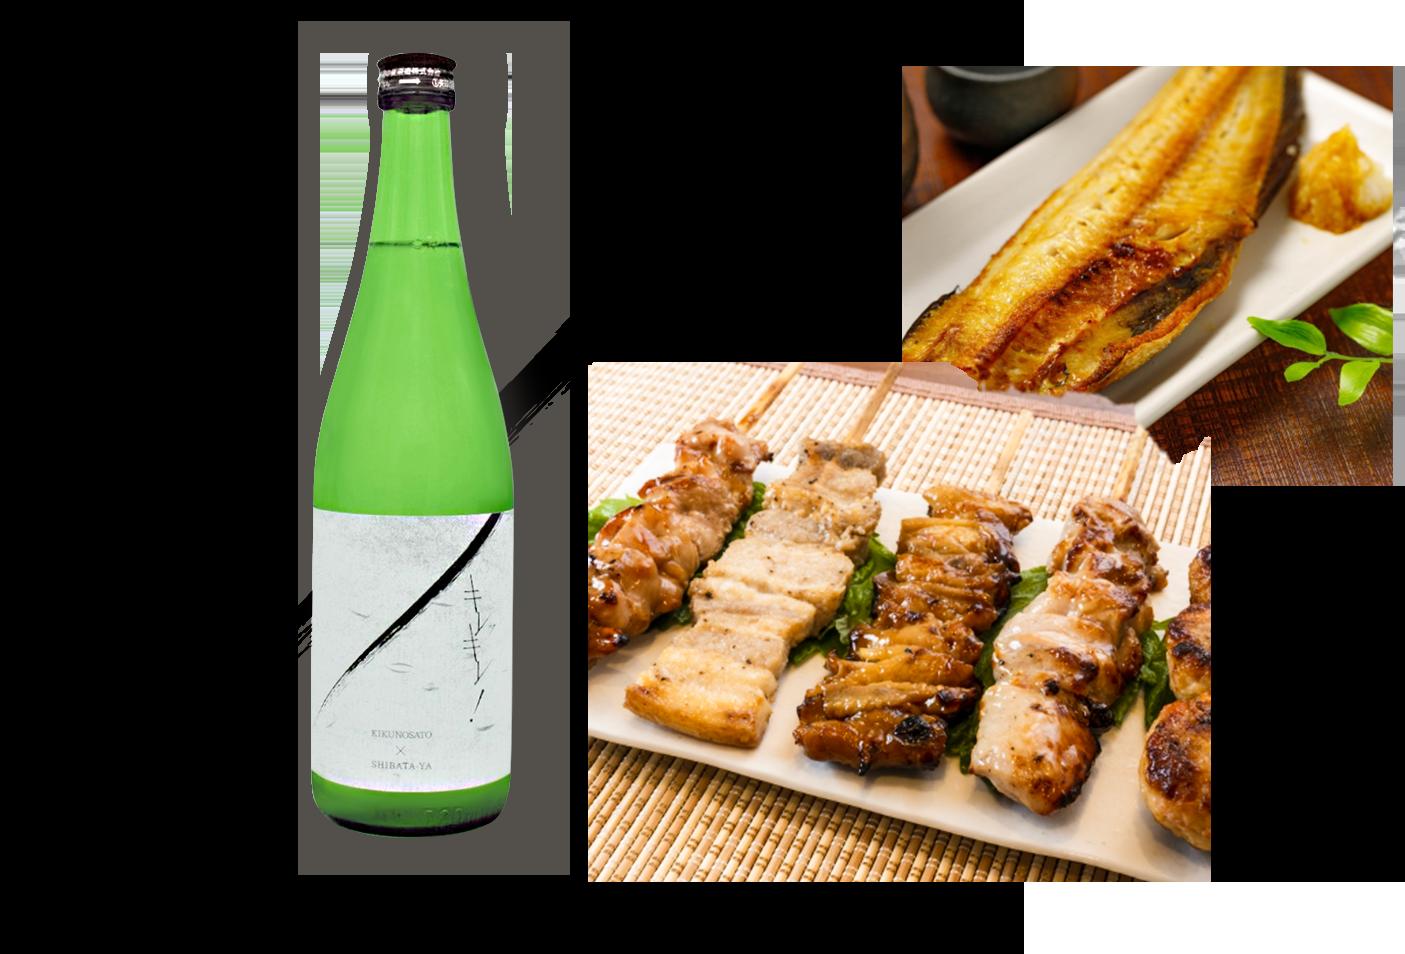 日本酒キレッキレ ペアリング